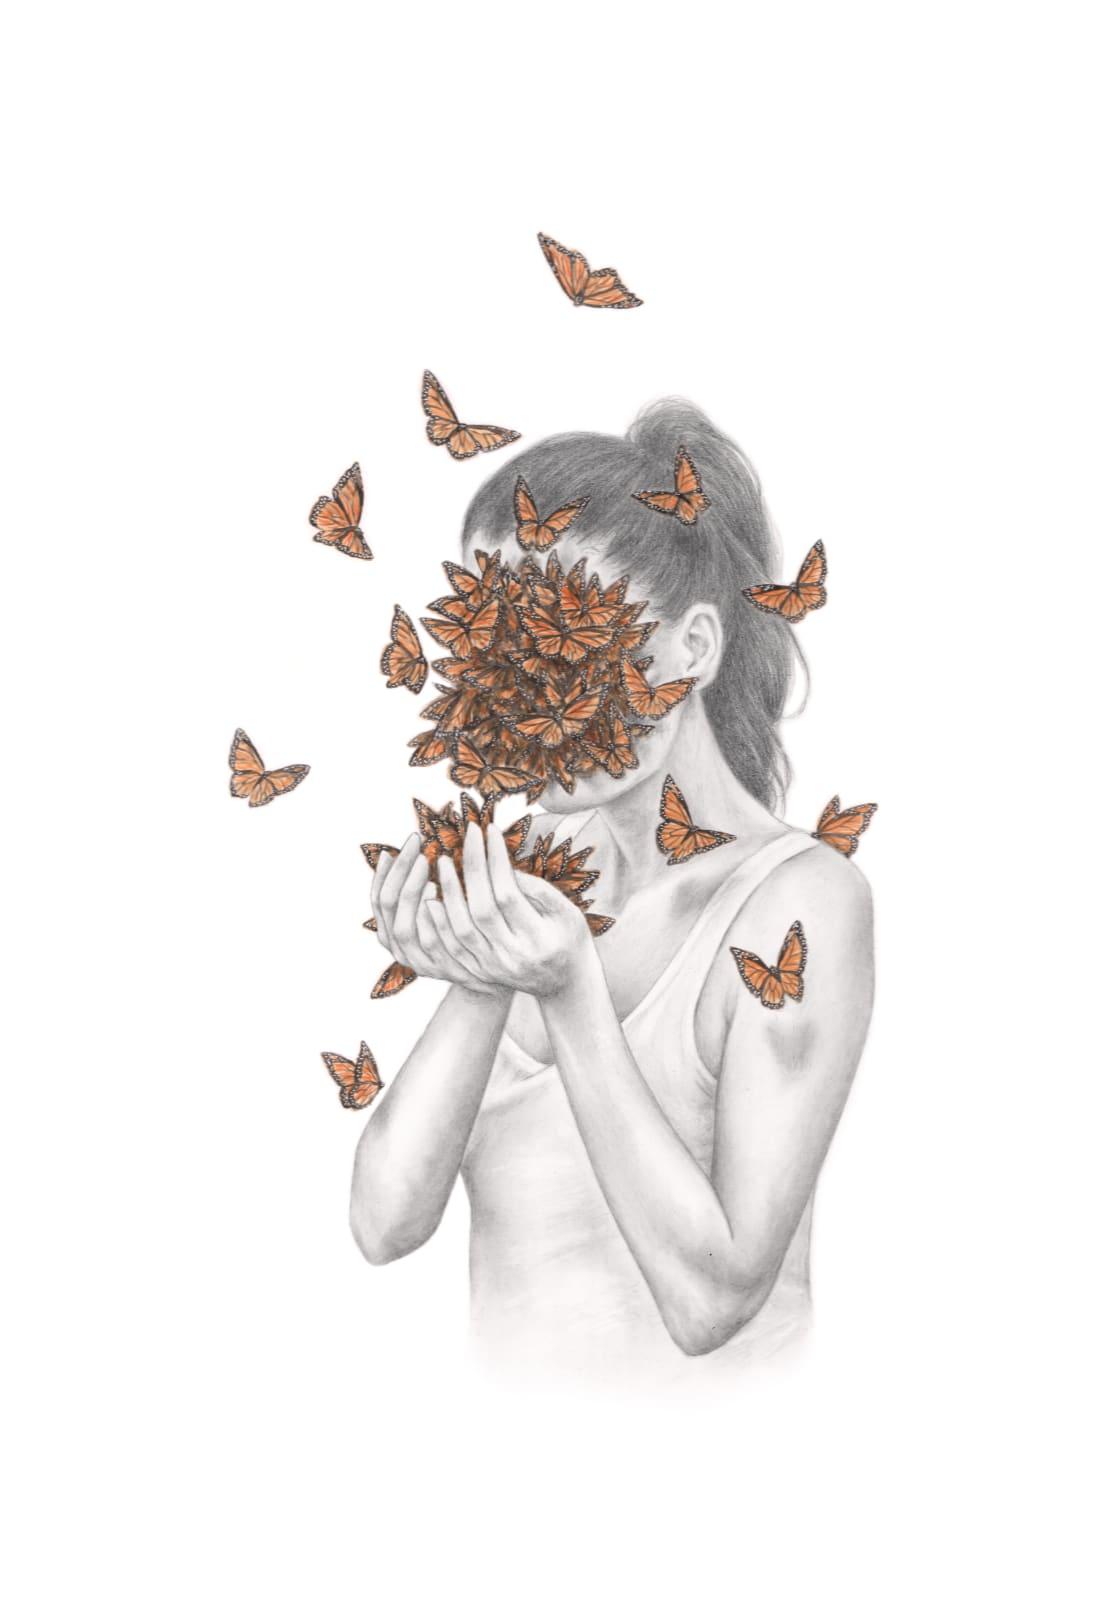 Rachel Goodyear, Butterflies, 2021